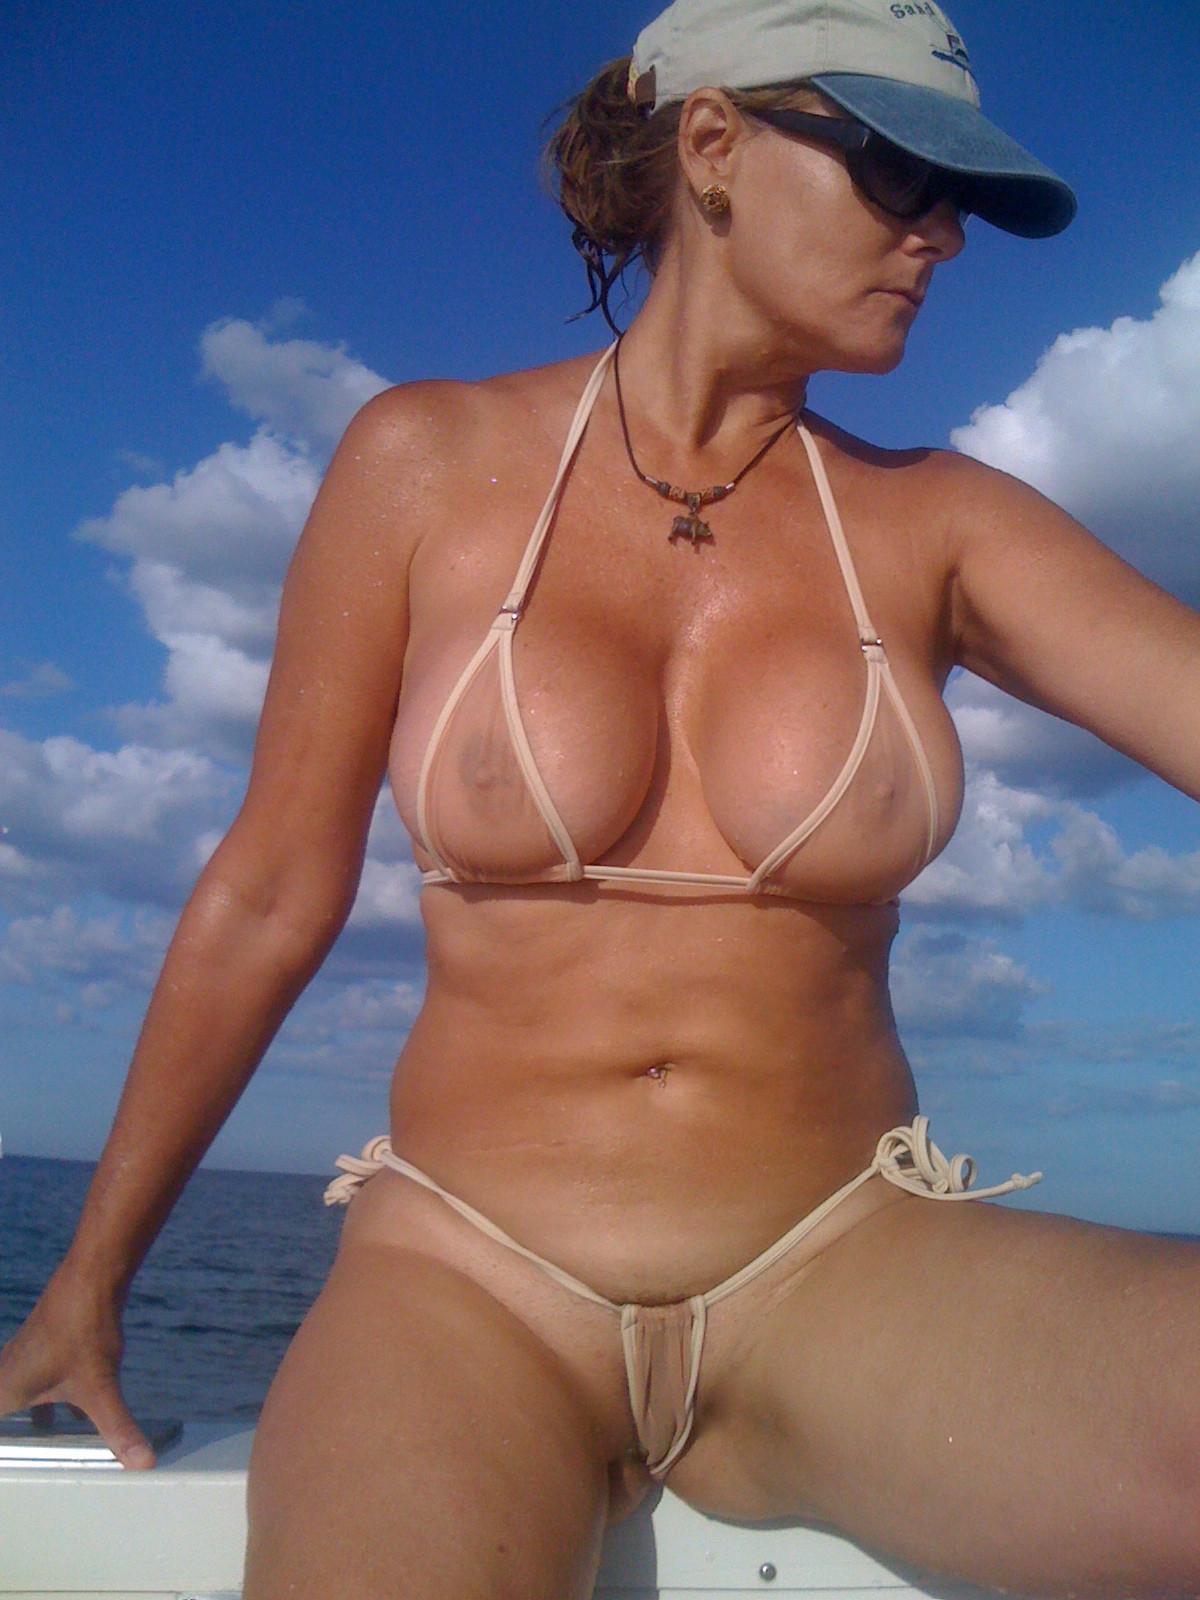 Дамочка примеряет новый купальник порно фото бесплатно